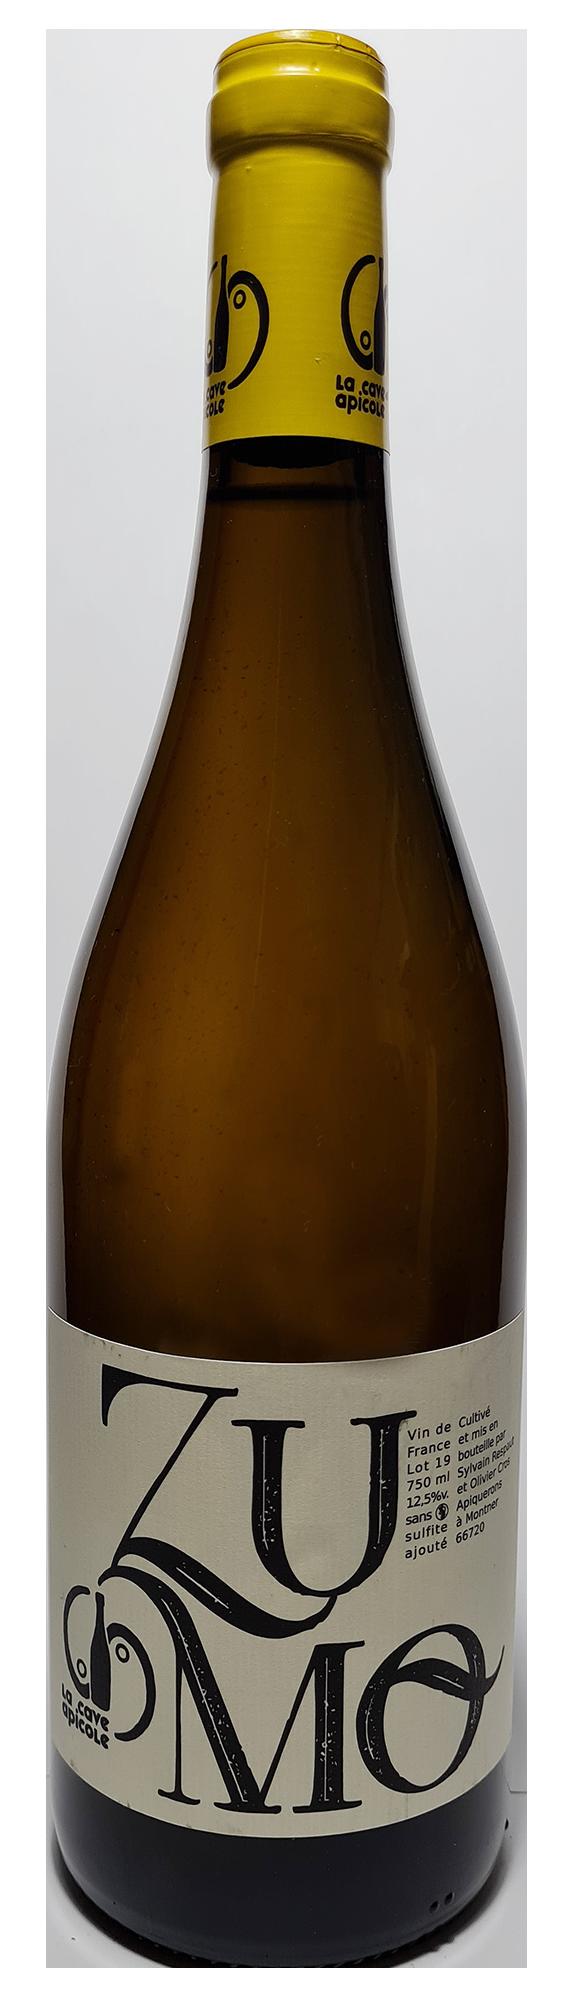 Bouteille de vin blanc naturel, Zumo 2019 Domaine la Cave Apicole